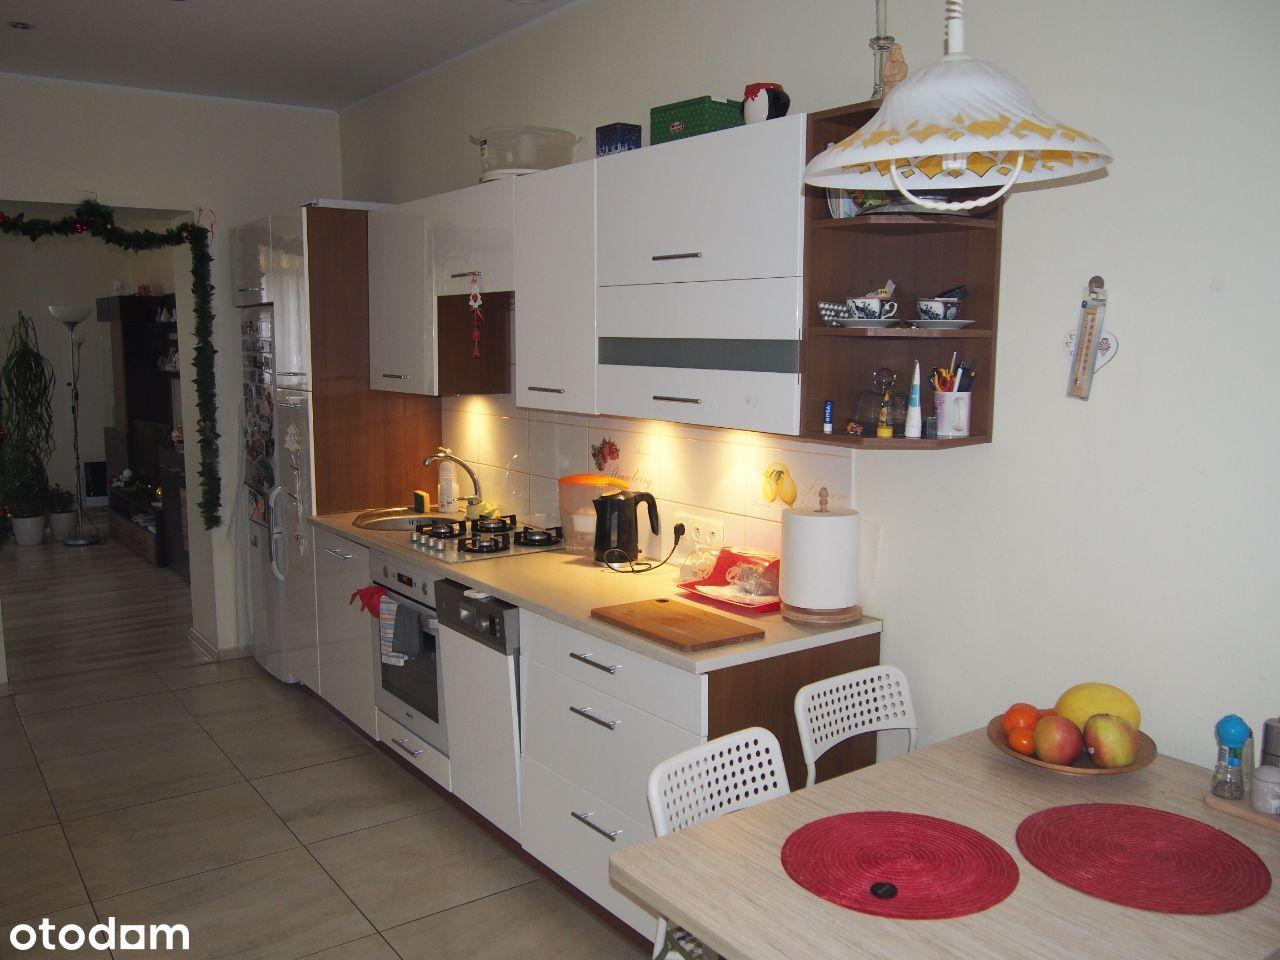 Mieszkanie 2 pokojowe z kuchnią 62m2 i ogródek 150